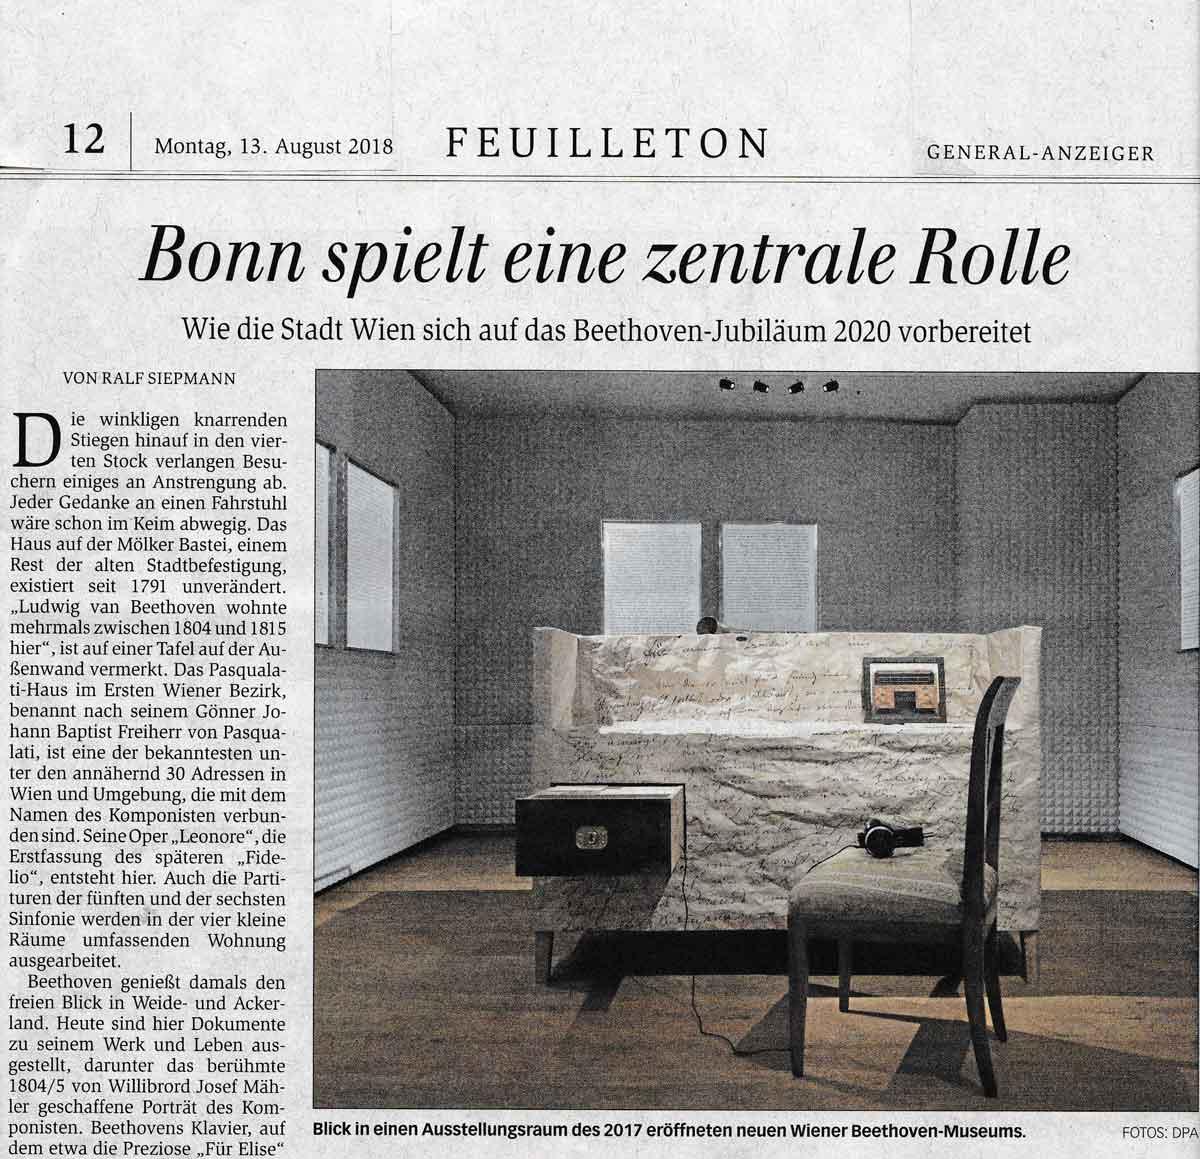 Ralf Siepmann_Bonn spielt eine zentrale Rolle - Wien und Beethoven_1 von 2_20180813_GA Bonn